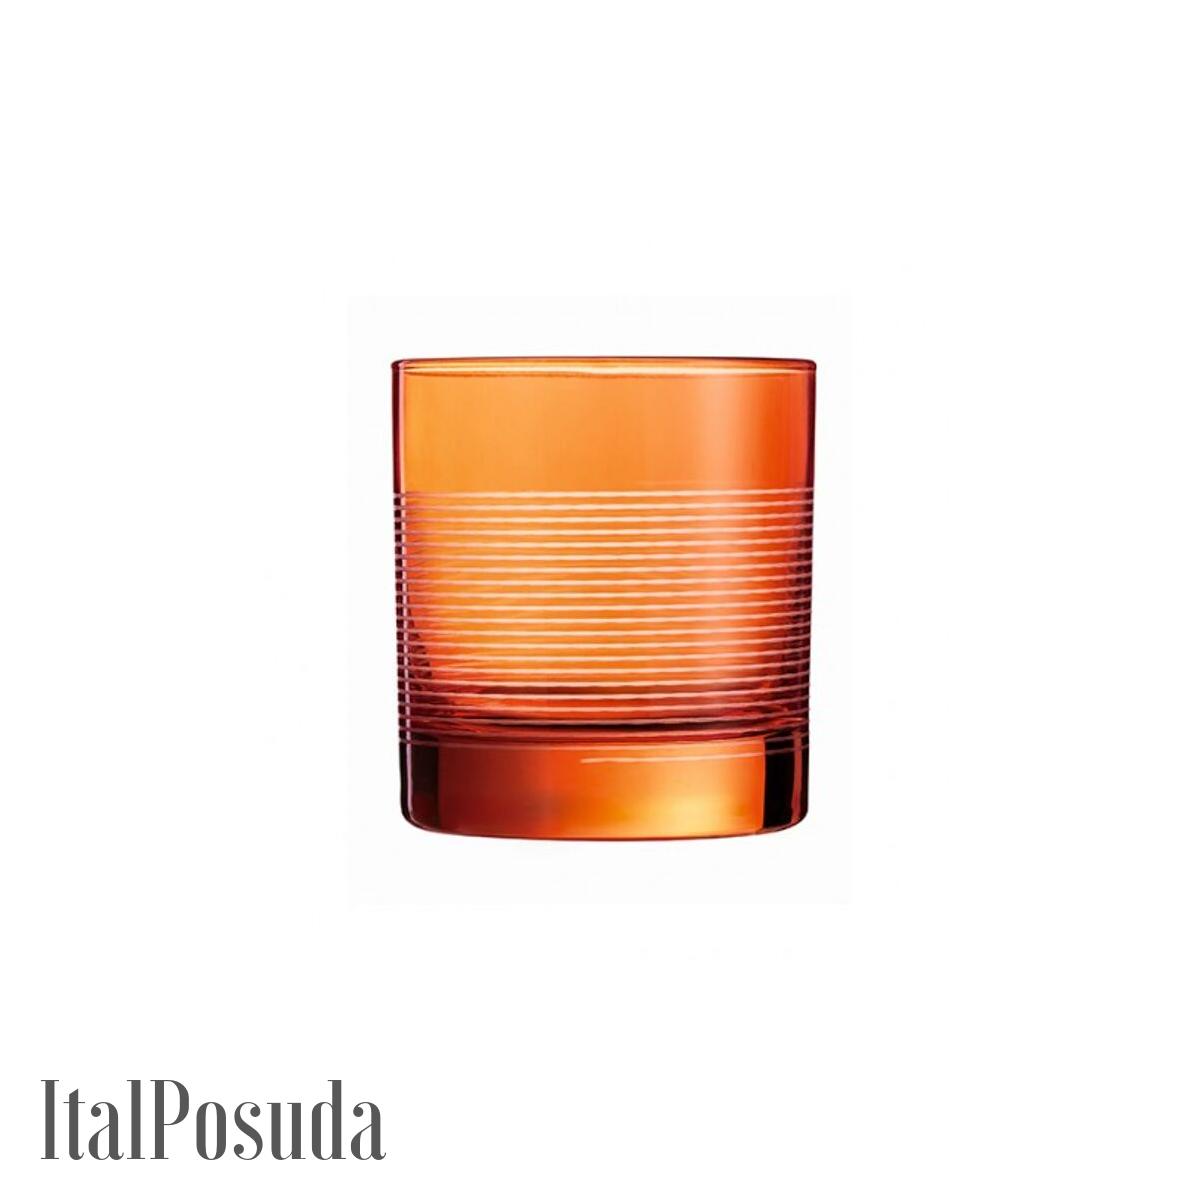 Набор стаканов Eclat Cristal d'Arques Illumination Colors (Иллюминейшн Колорс), 4 шт L7604